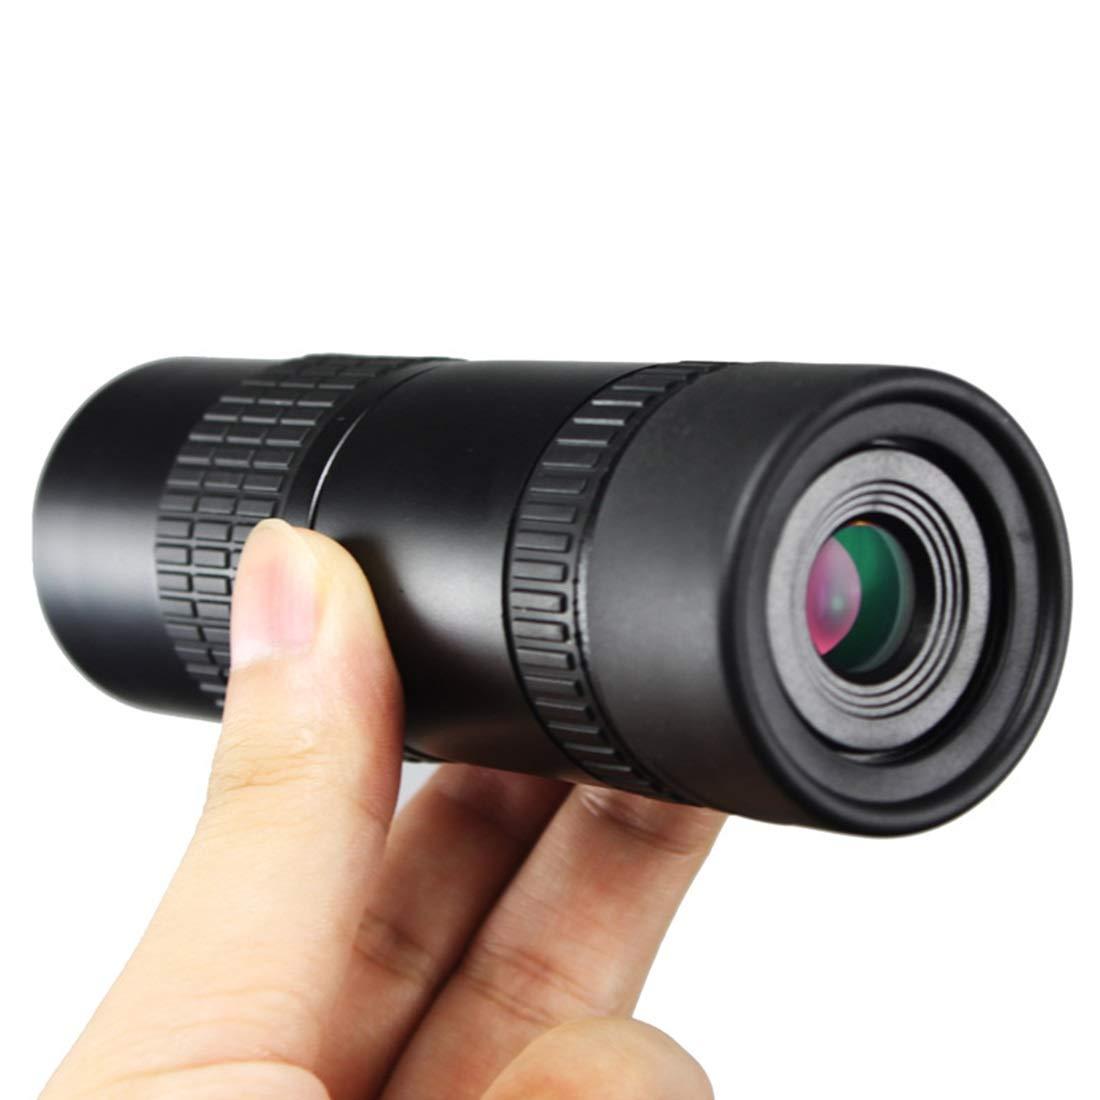 カウくる AIYAMAYA 10-30x30 ハイパワー 単眼鏡 望遠鏡 - 防水 フォグプルーフ BAK4 B07KY5GMFW プリズム プリズム FMC - 折りたたみ式 望遠鏡 バードウォッチング キャンプ 旅行 野生動物 秘密 携帯ホルダー付き B07KY5GMFW, 激安問屋1番お得:b8e43e7f --- a0267596.xsph.ru